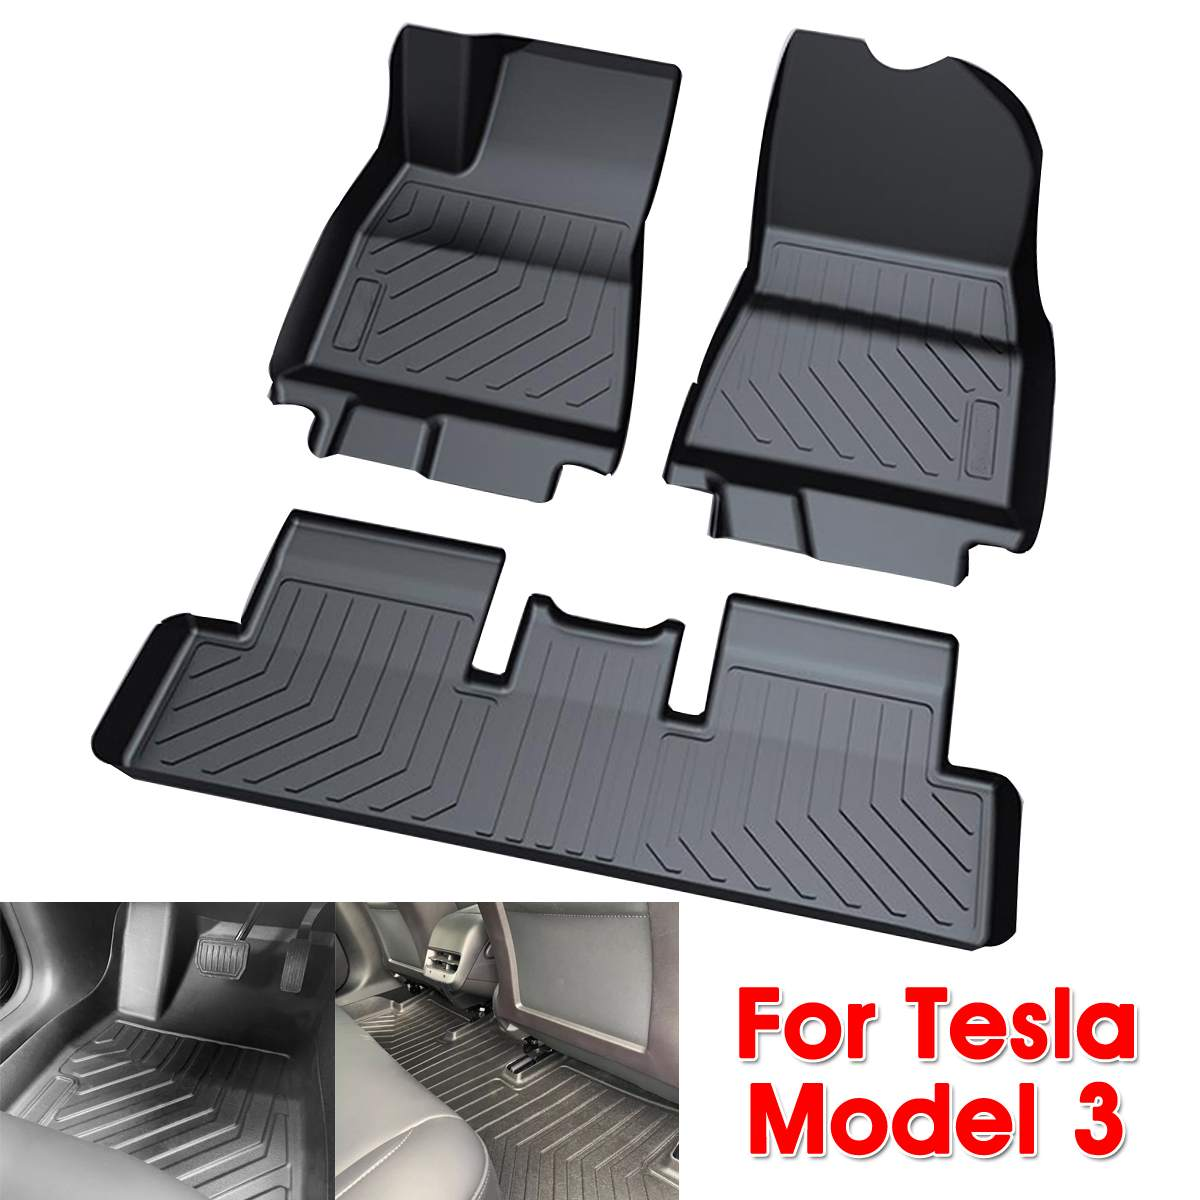 Audew 3 pièces TPO avant et arrière noir tapis de sol de voiture personnalisé ajustement tous temps tapis de sol couverture pour Tesla modèle 3 imperméable à l'eau Durable